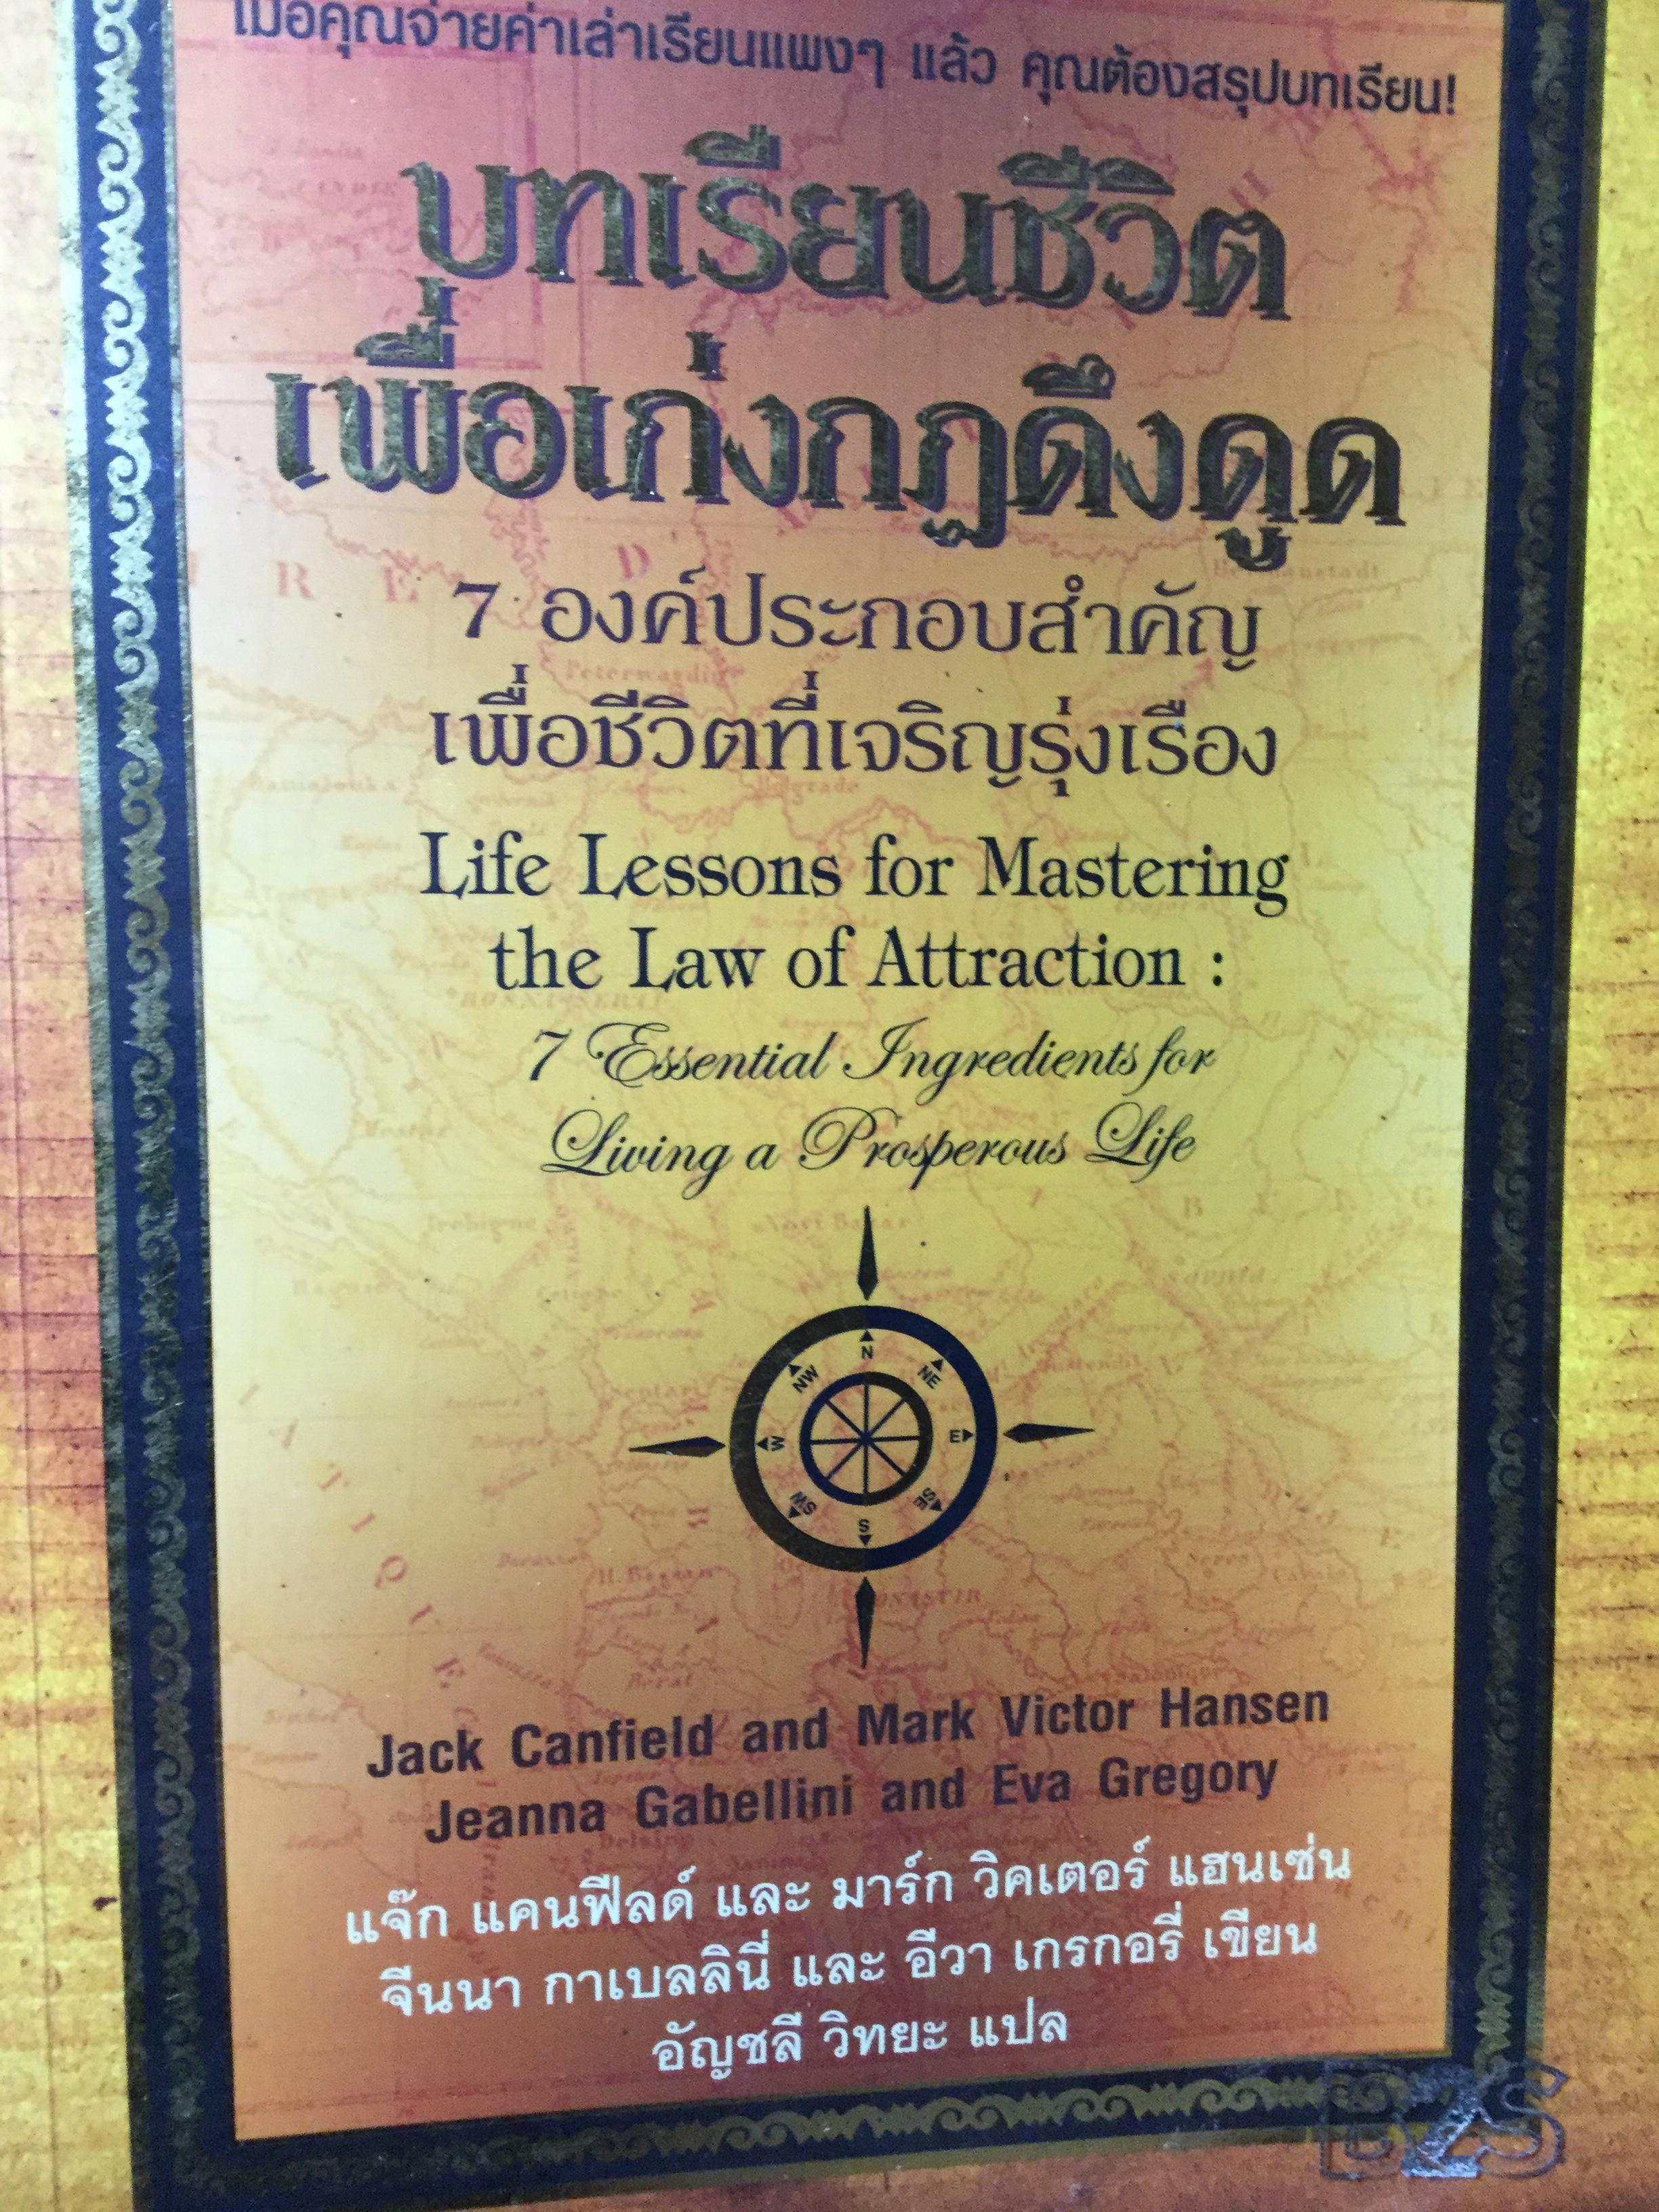 บทเรียนชีวิต เพื่อเก่งกฎดึงดูด. 7 องค์ประกอบสำคัญที่ เพื่อชีวิตที่เจริญรุ่งเรือง